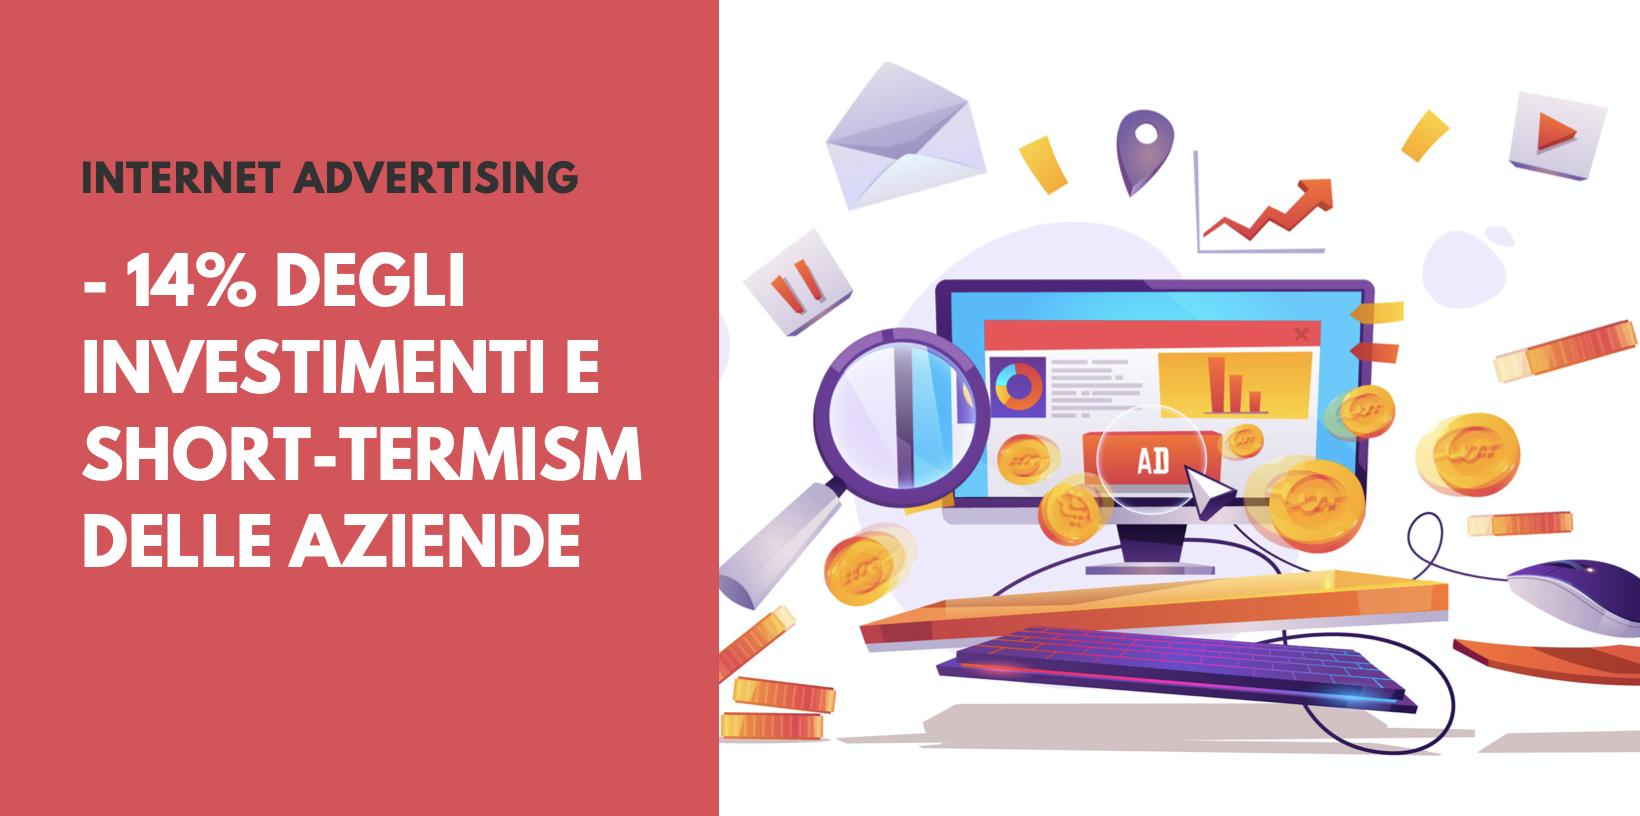 Investimenti pubblicitari online: -14% nel 2020 e short-termism